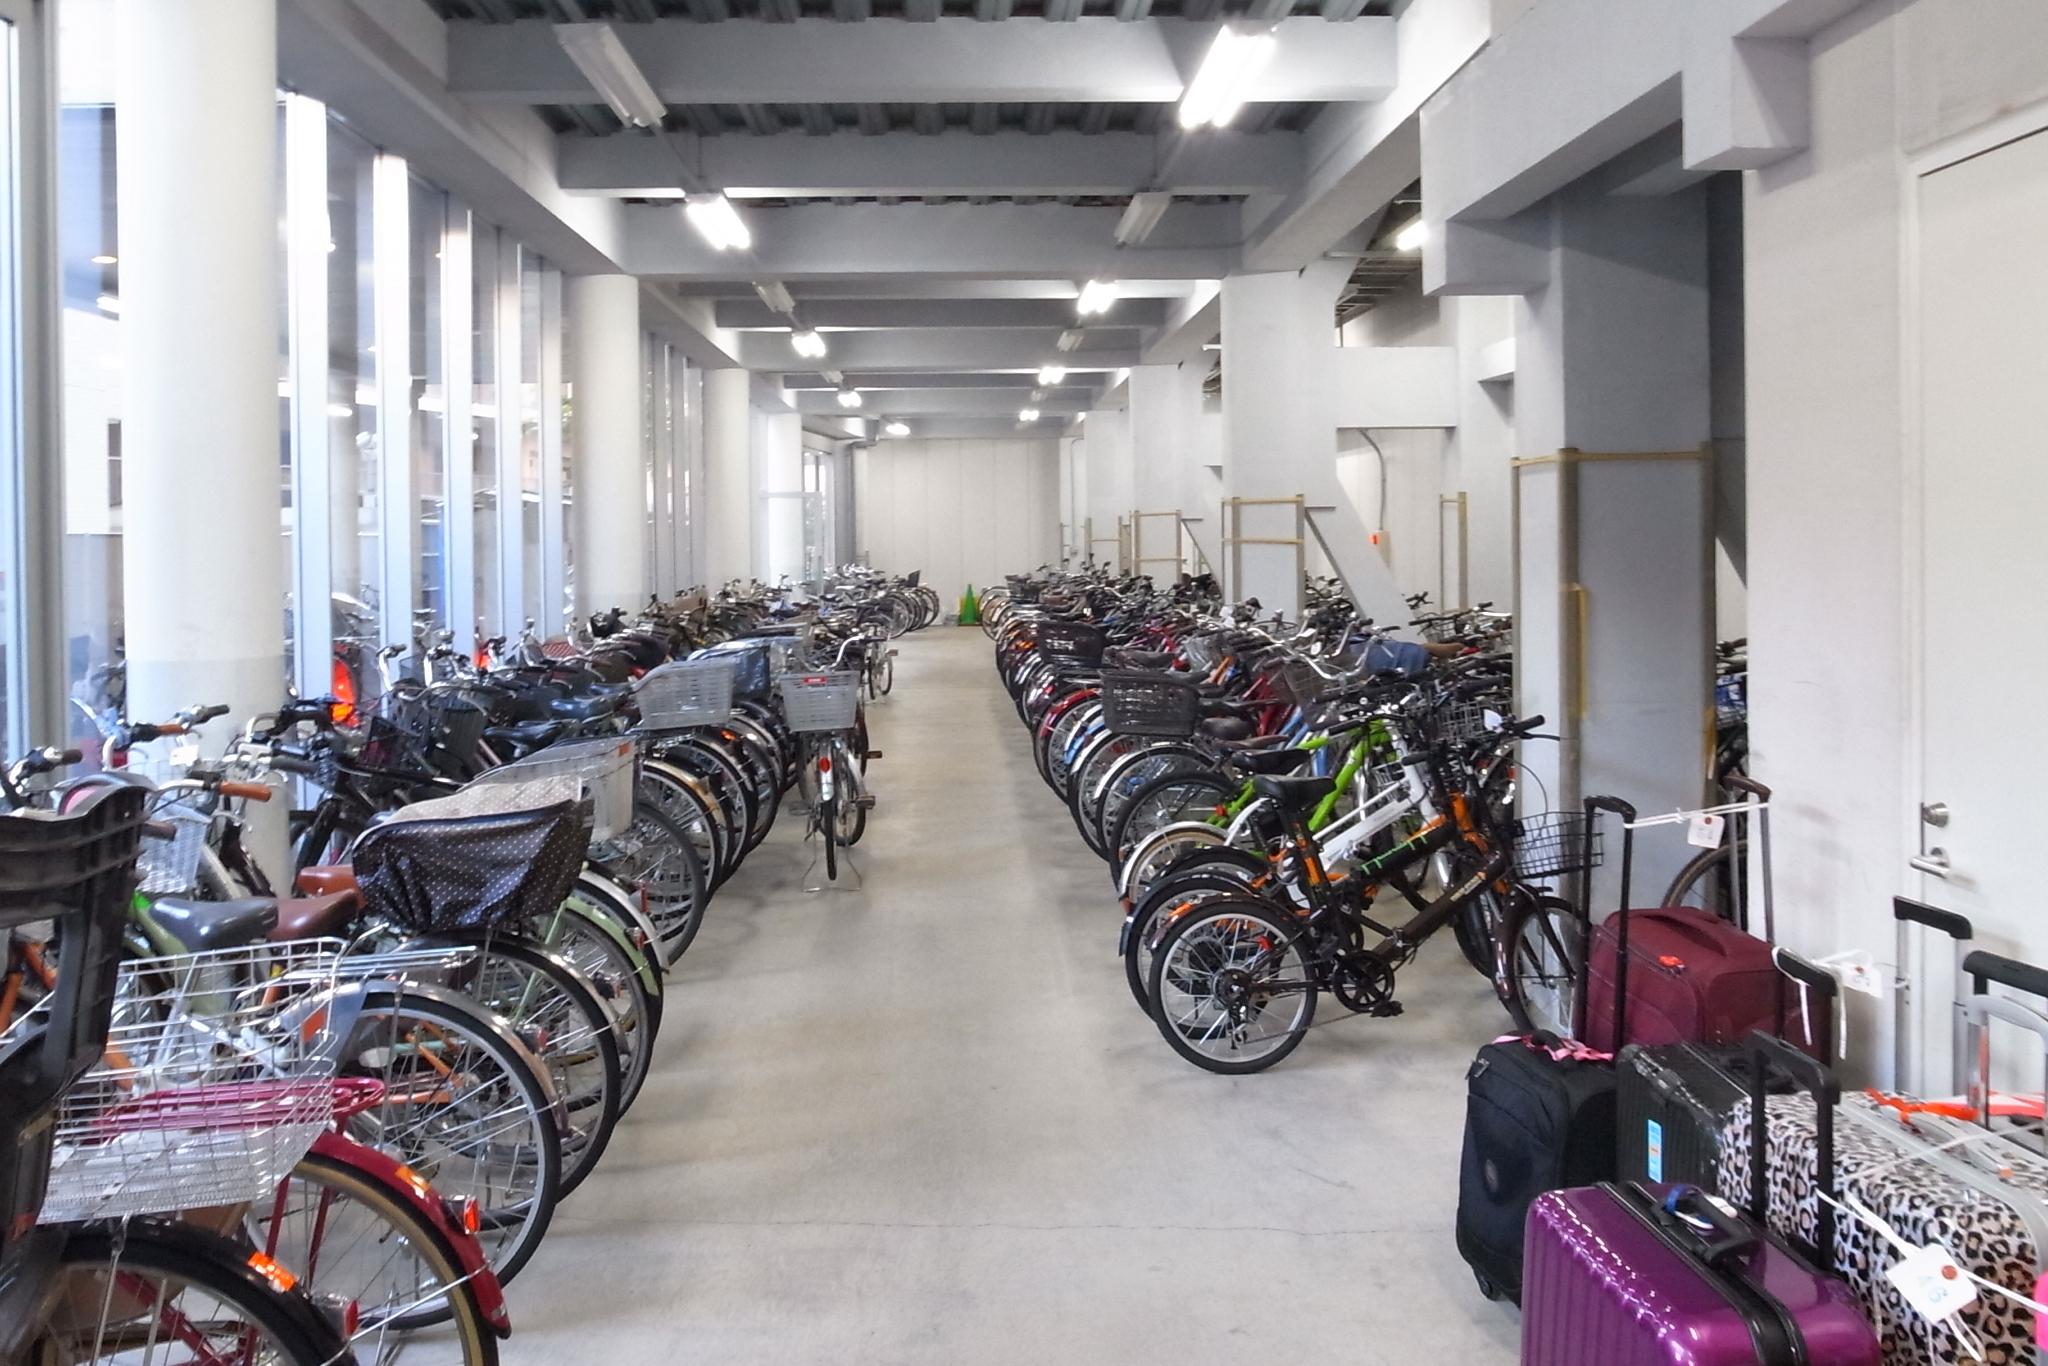 自転車のレンタル、自転車預かり、旅行カバンも預かってくれます。旅行者の方も利用価値大!